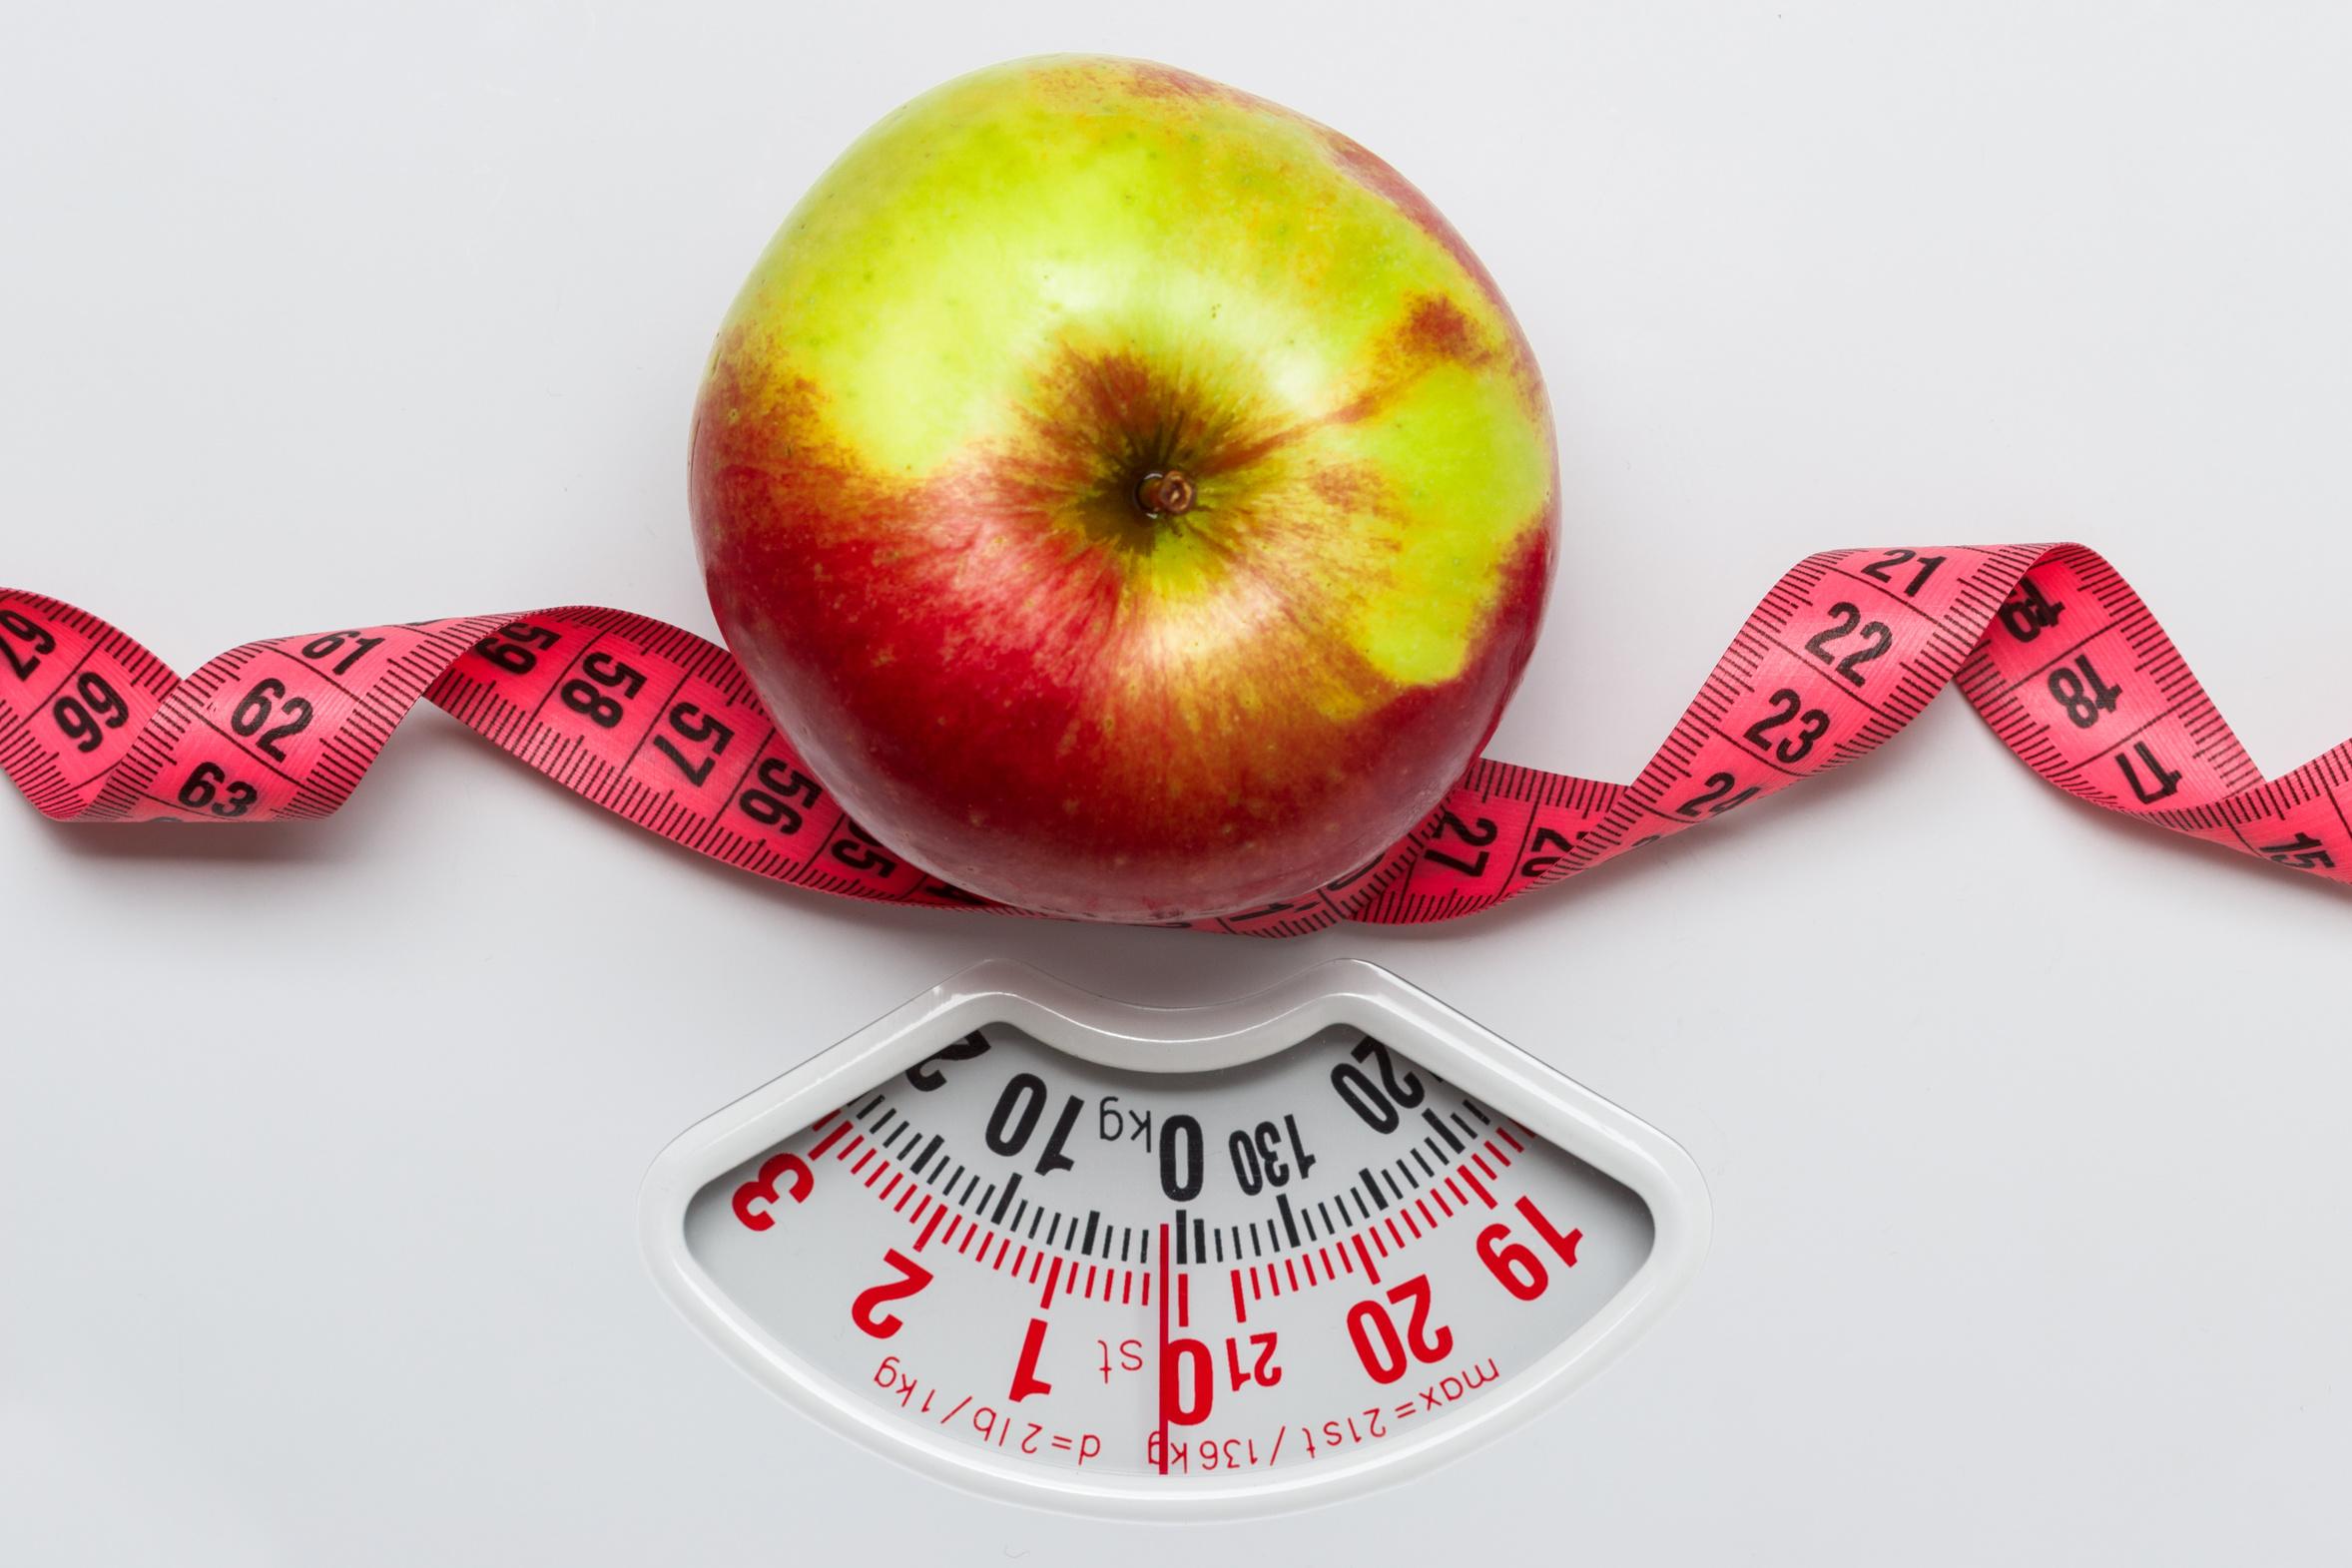 Comment perdre uniquement de la graisse - fastingfr